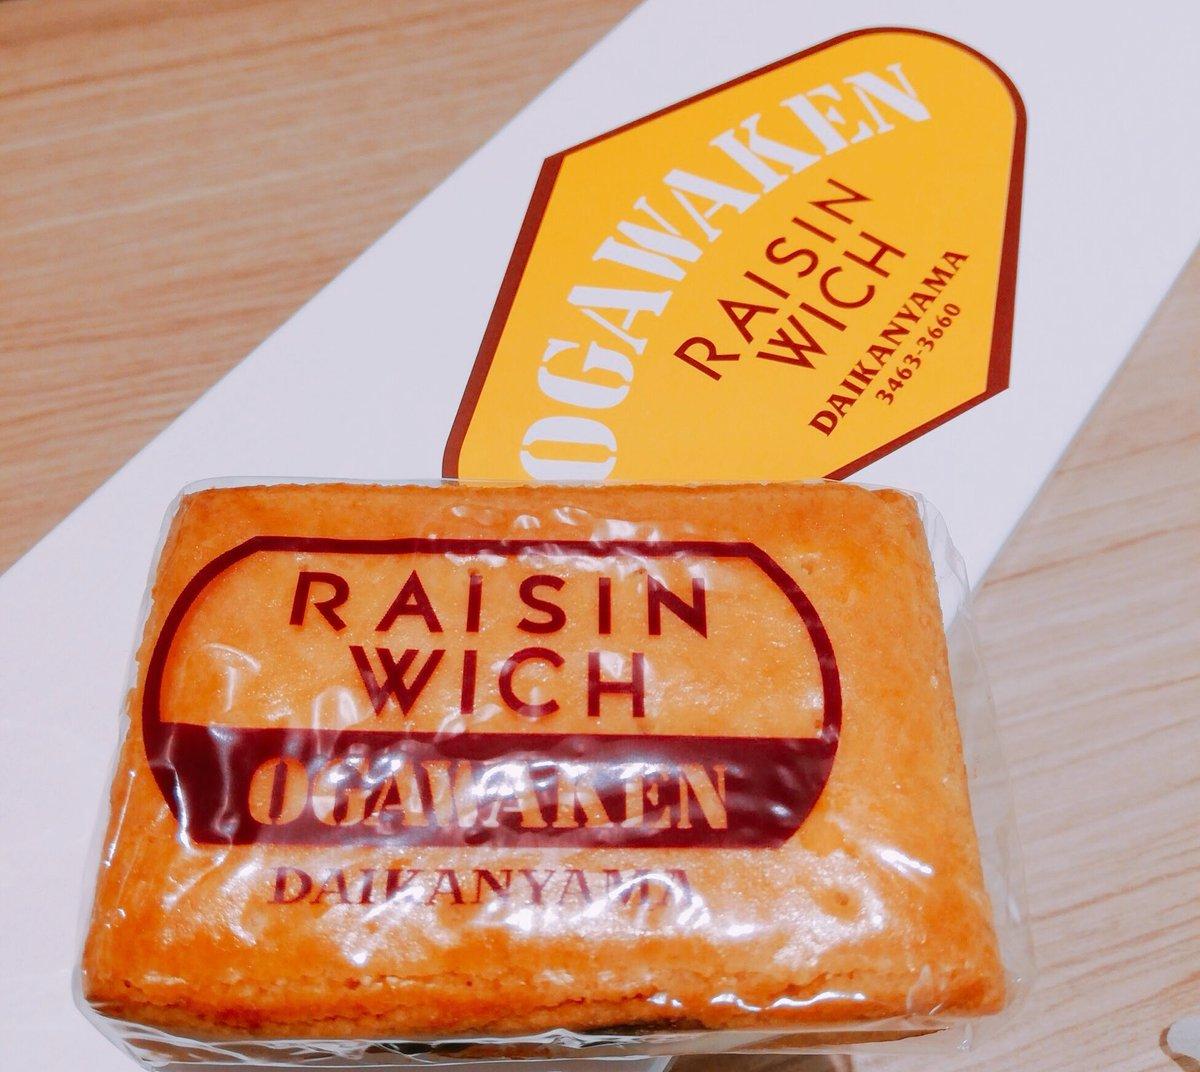 test ツイッターメディア - 10/14の昼食  酸辣湯スープごはん、カニカマとサラダ、#代官山小川軒 レーズンウィッチ レーズンウィッチはいただきもの。代官山小川軒のが一番好き💕昔は一度に3個はペロリ🤤でしたが、今はそんなことしません…😂幸せでした。 #スティーブのダイエットを応援します @cuishishou https://t.co/bUYICmhAoe